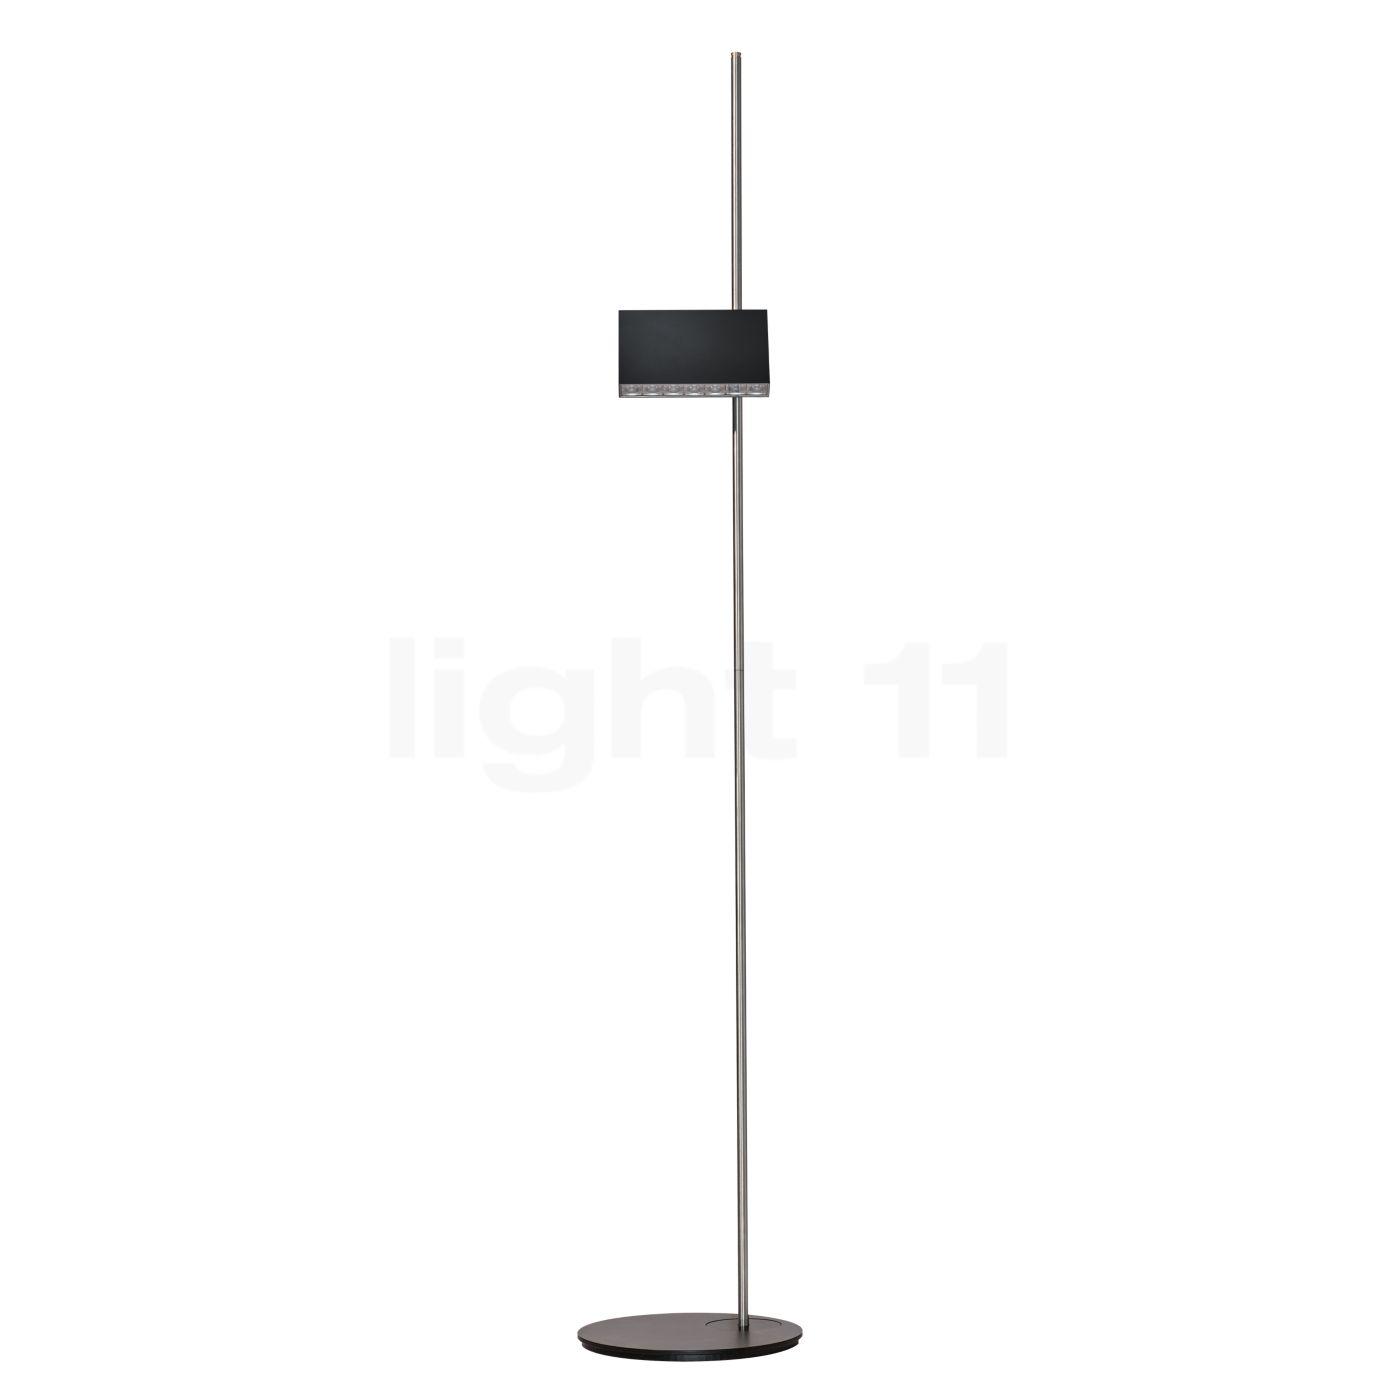 Mawa Design FBL-Stehleuchte LED Leseleuchte - light11.de